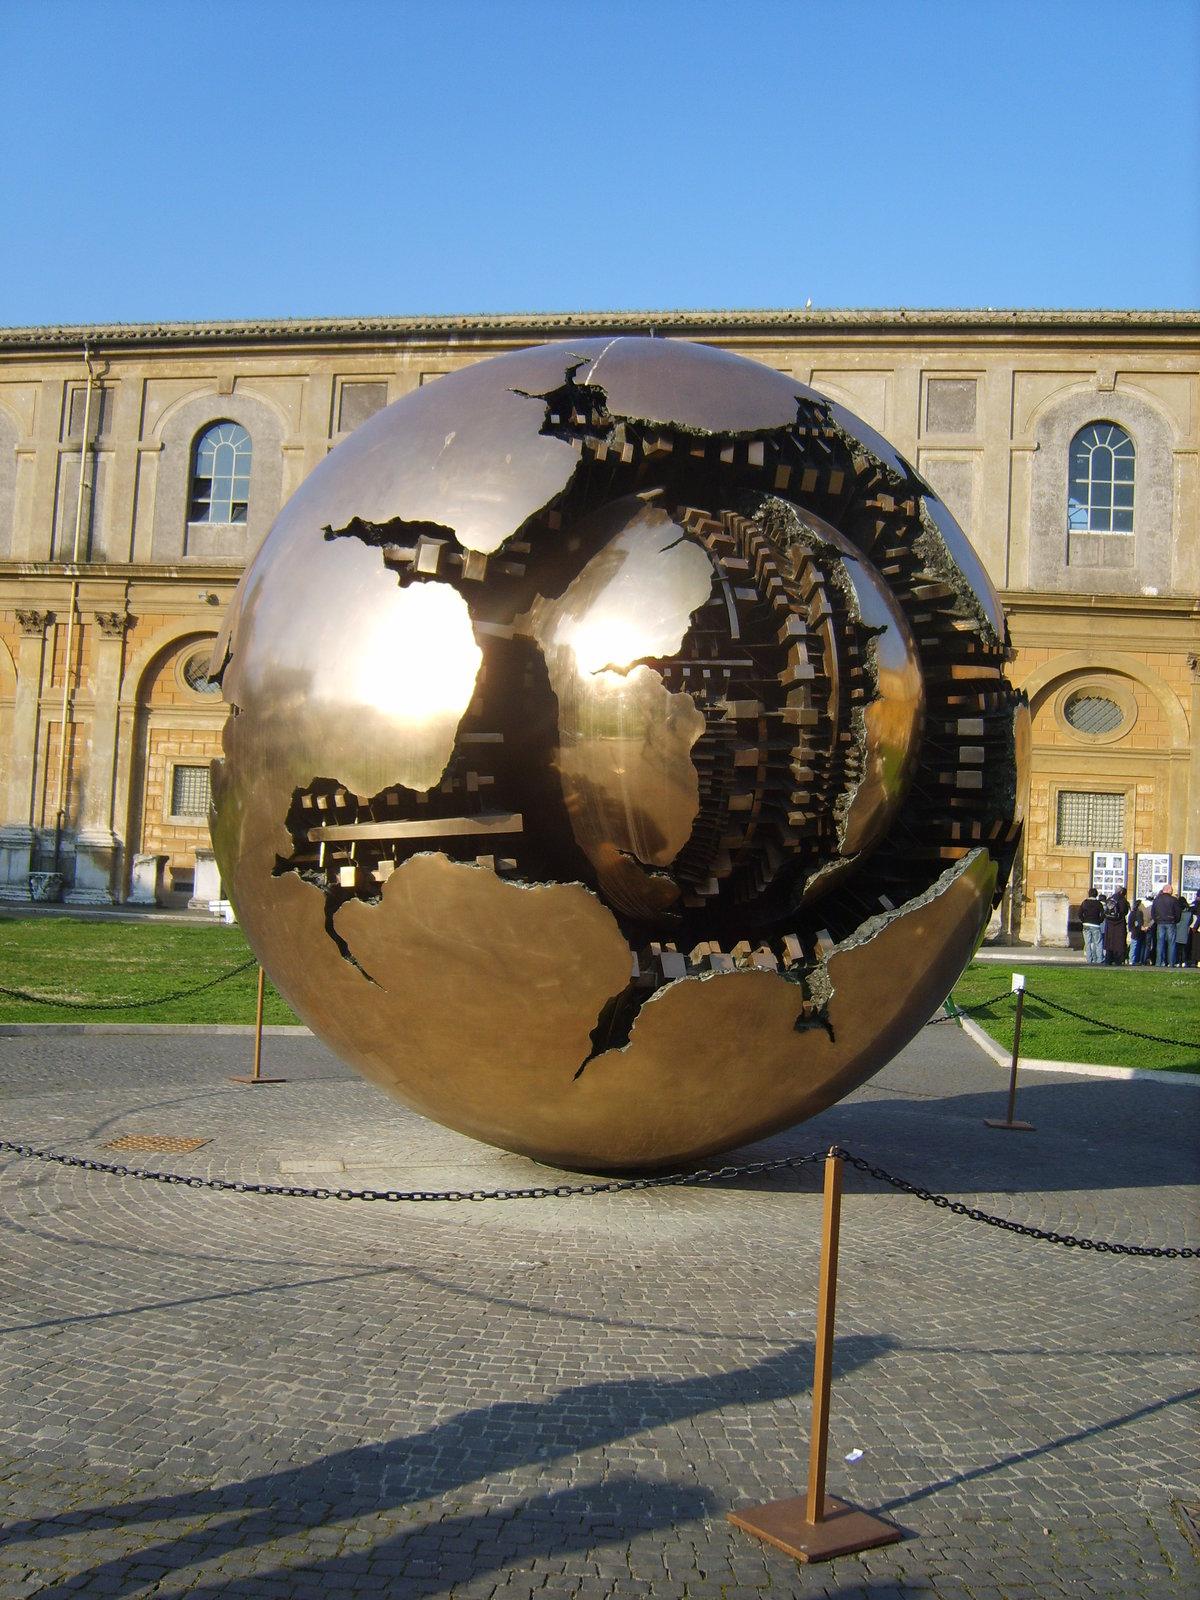 Италия,Ватикан.Памятник нашей планете Земля #ватикан #земля #италия #конкурс #путешествия